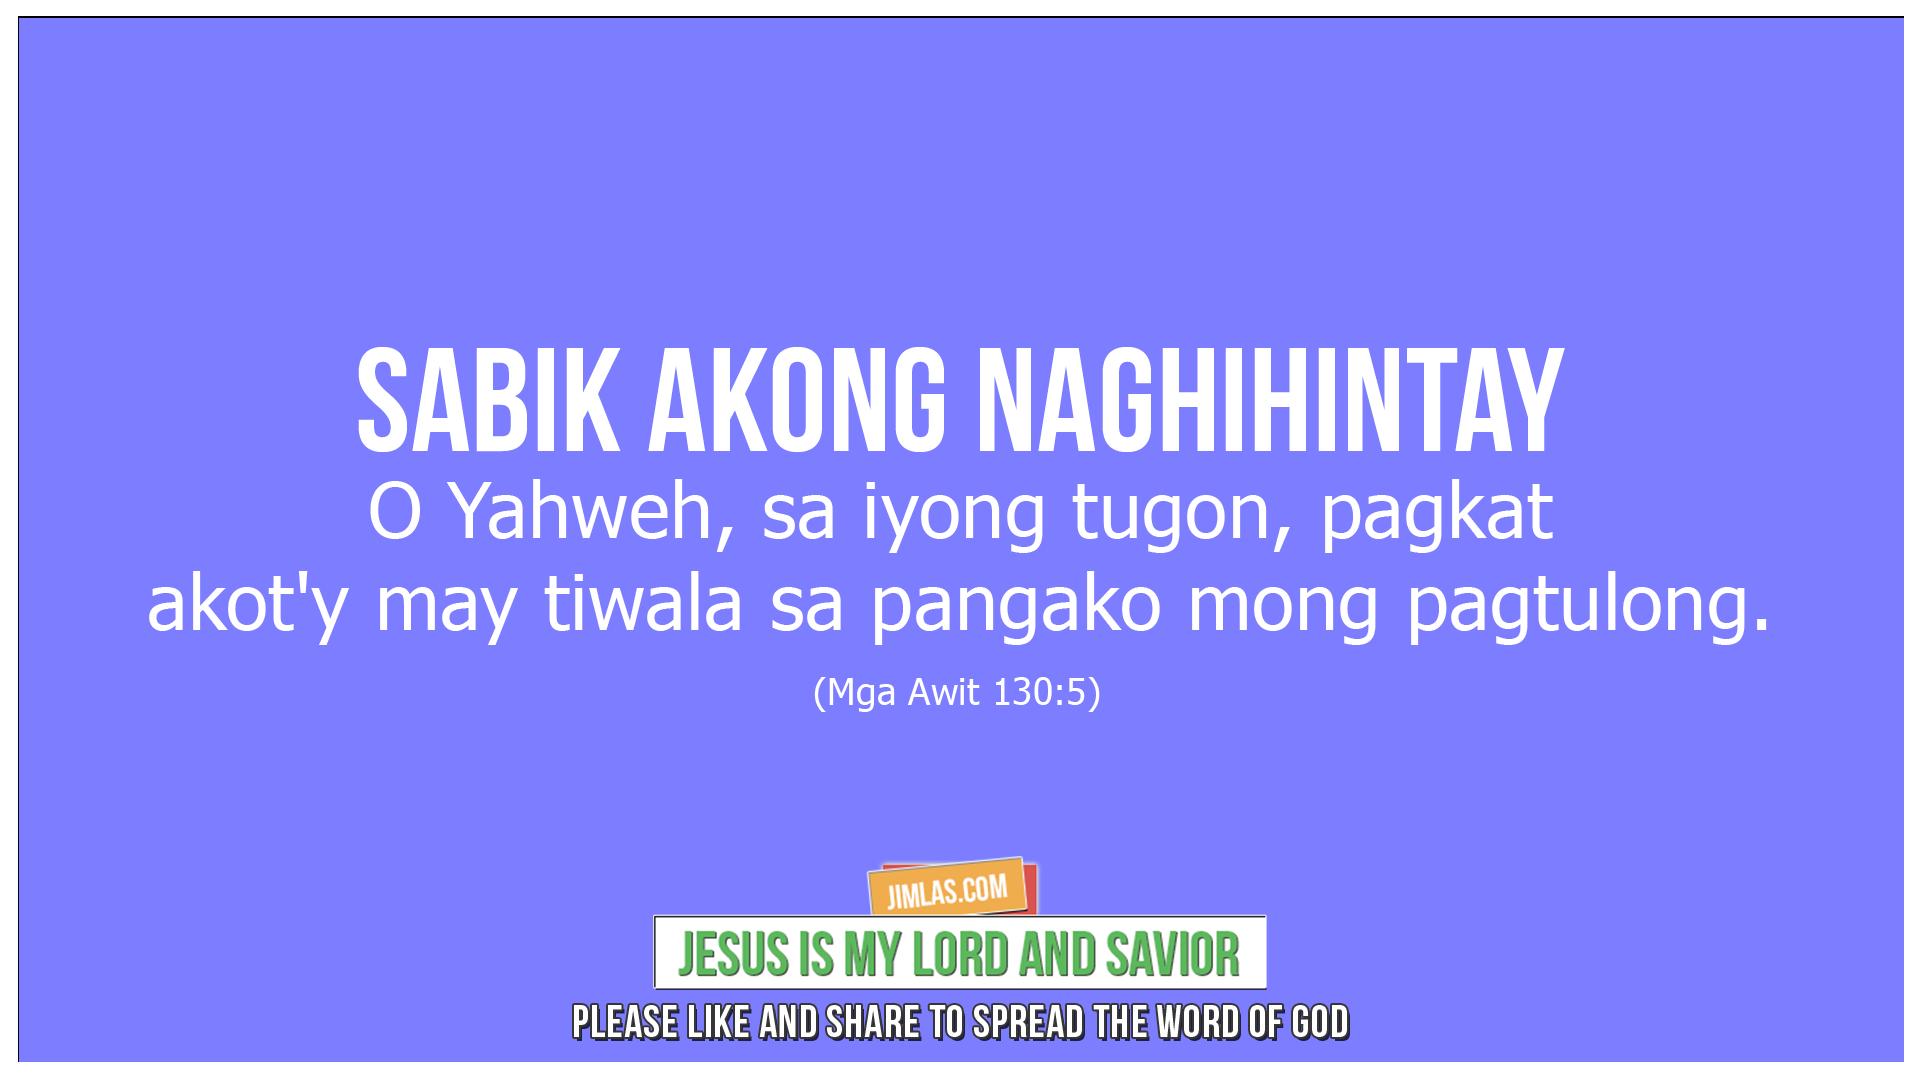 mga awit 130 5, Mga Awit 130:5